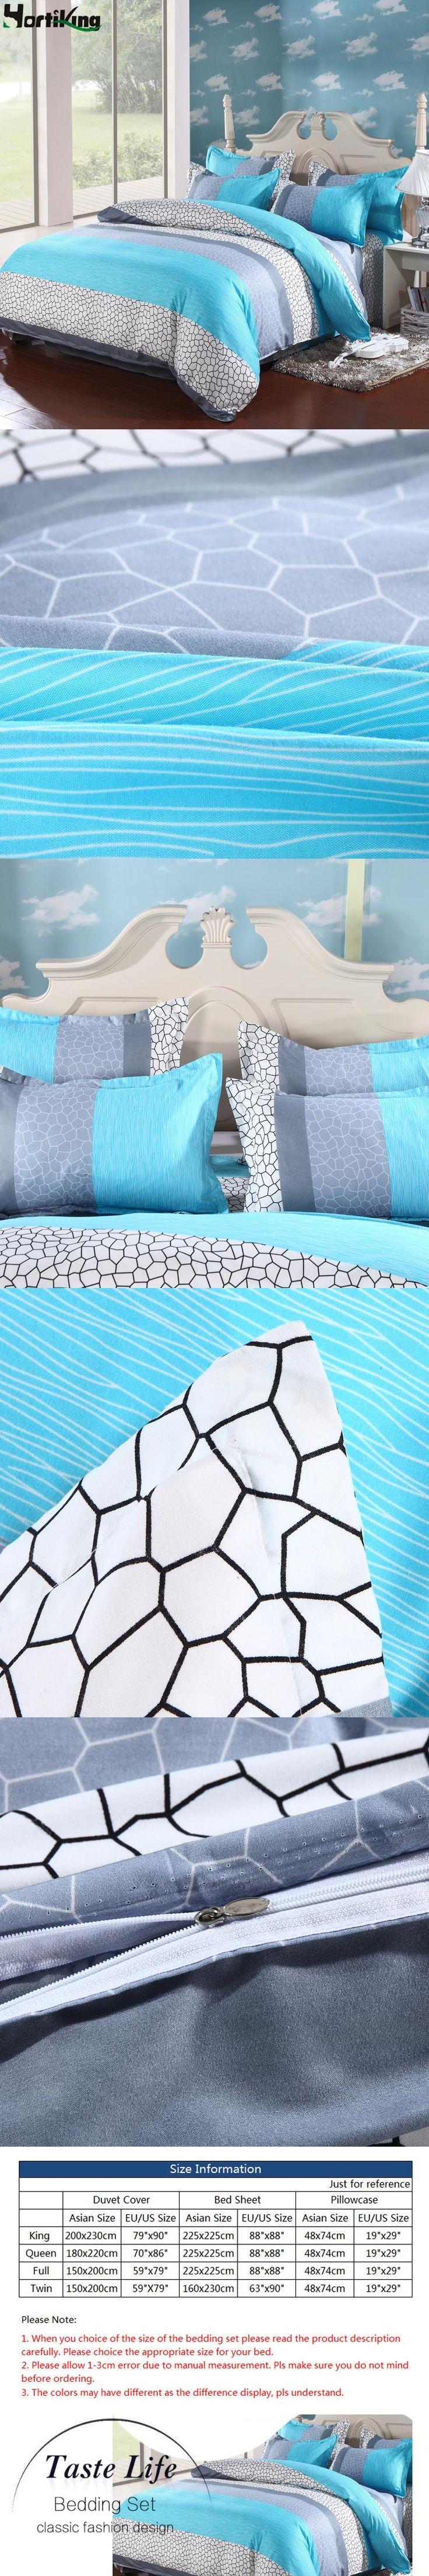 comfortable cotton luxury bedding set duvet cover set size quilt cover